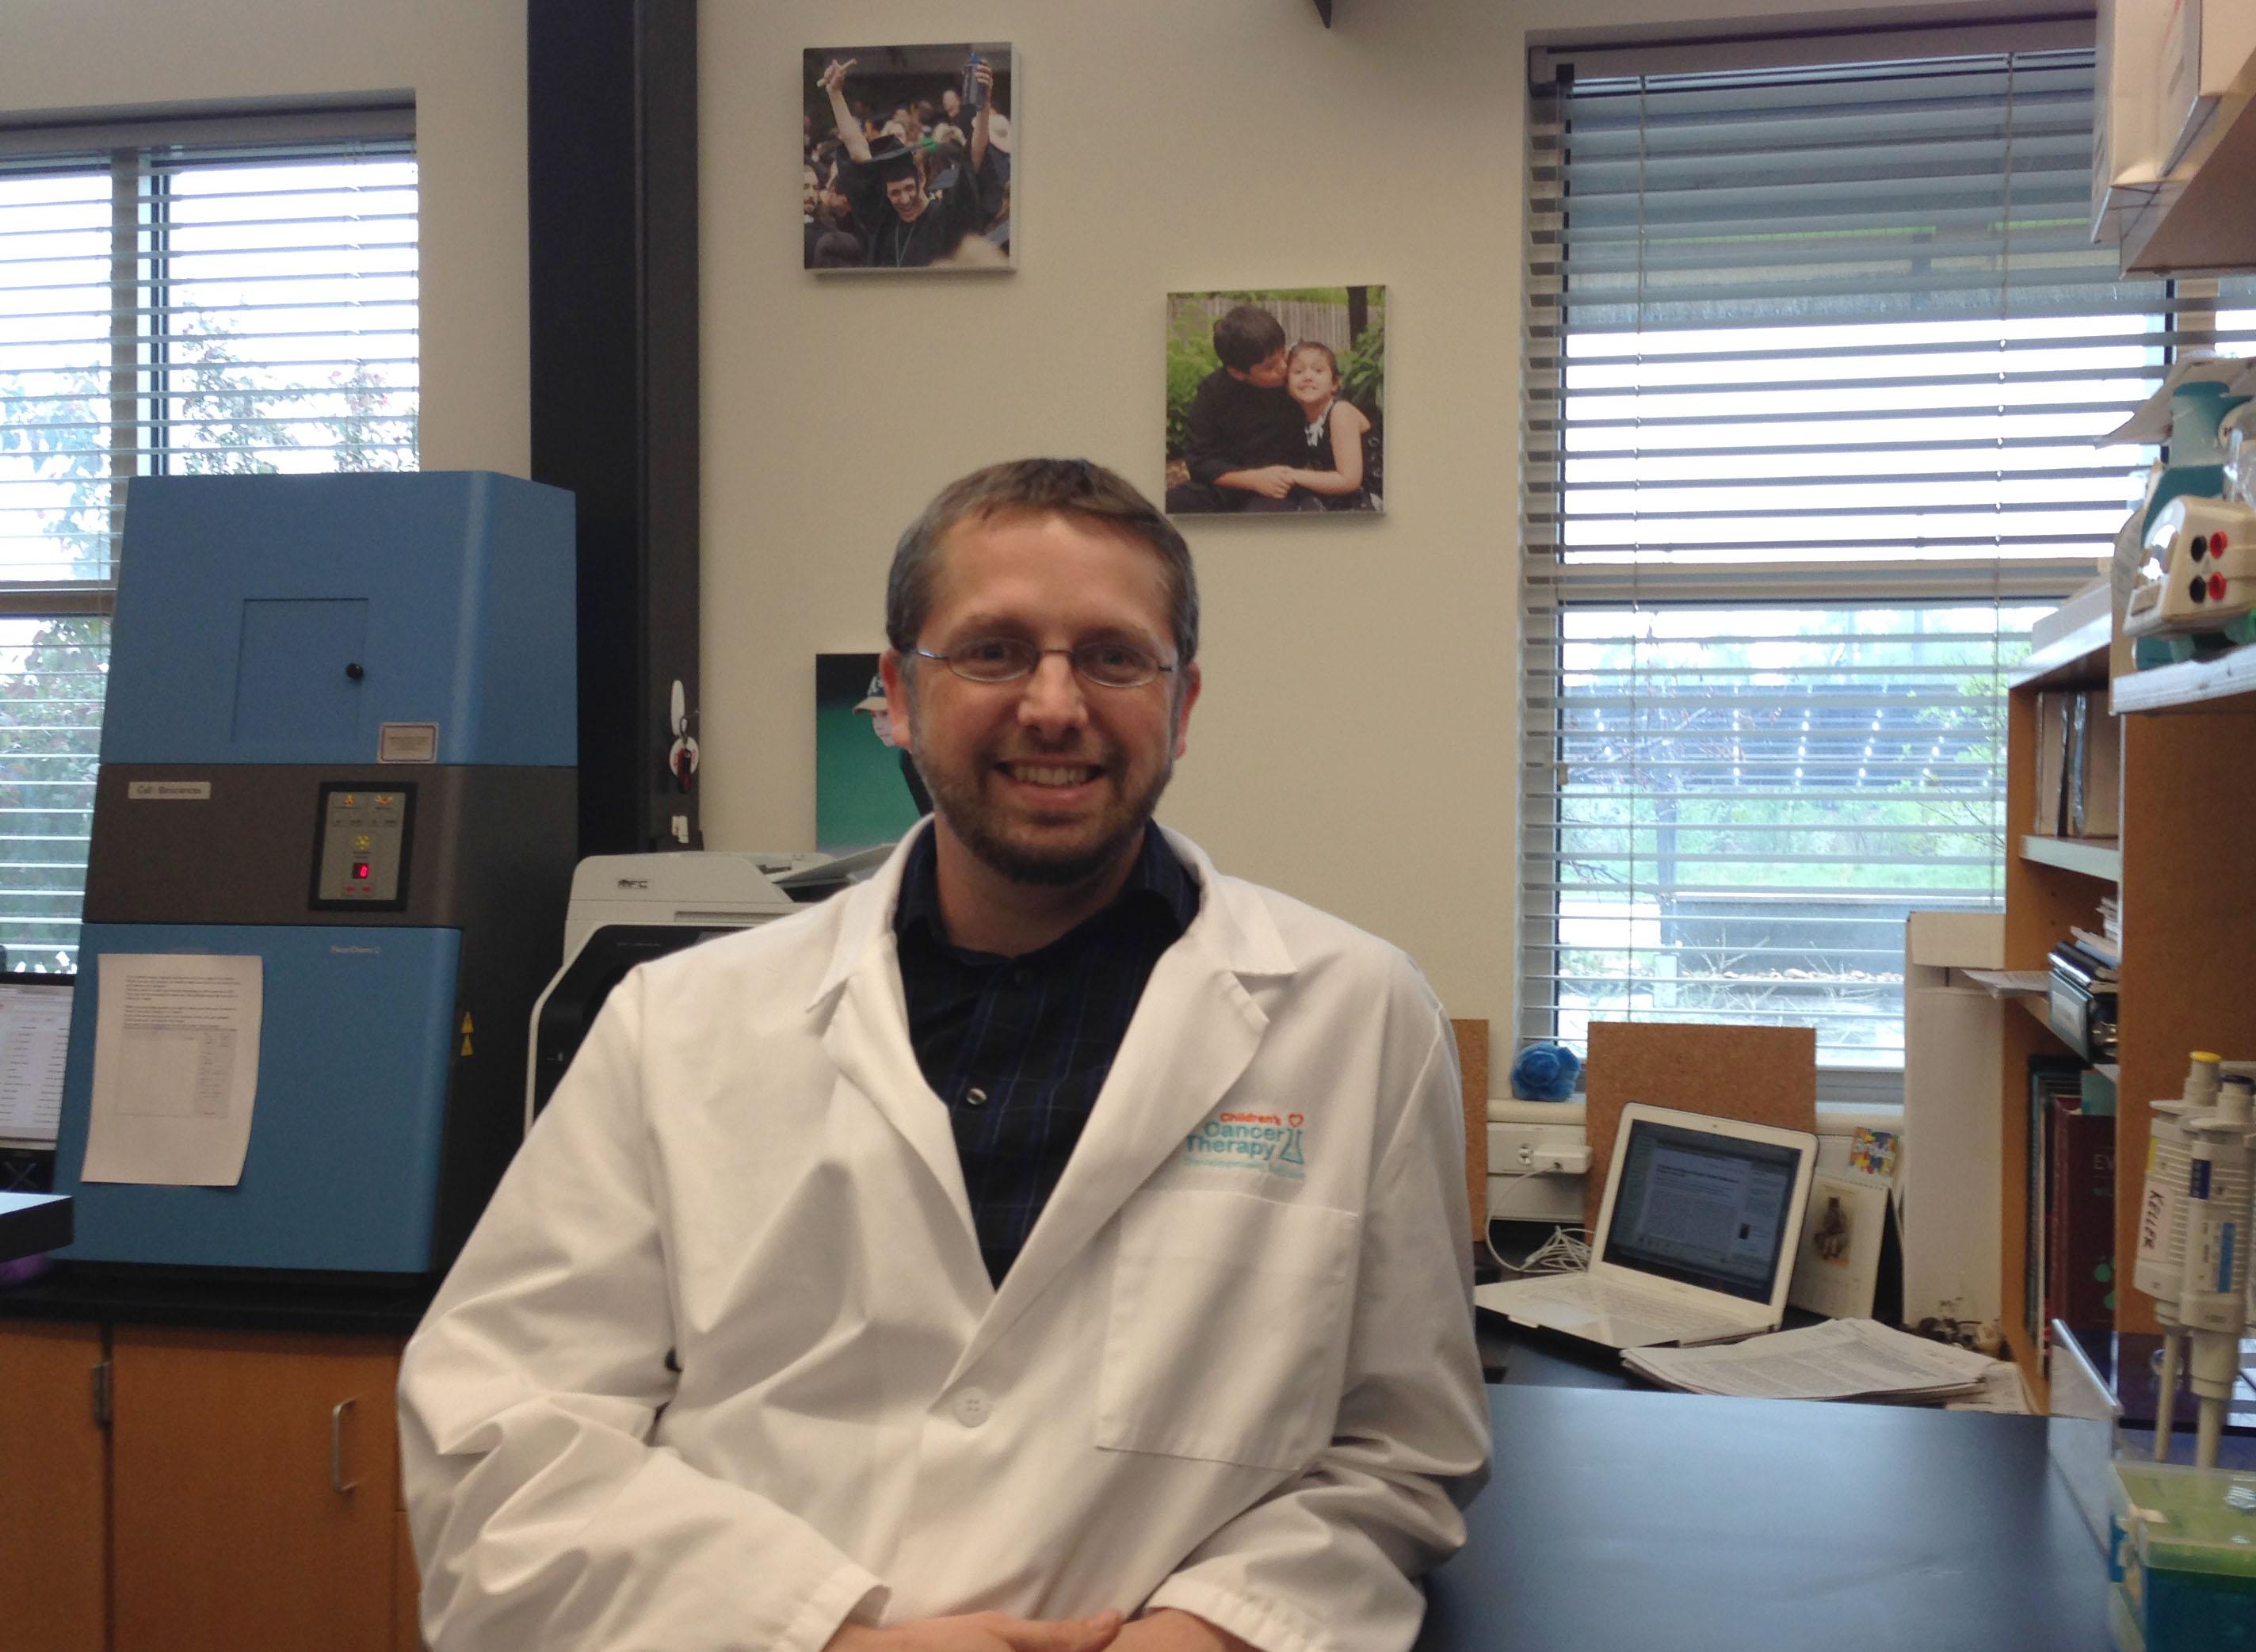 Matt, our newest muscle stem cell biologist